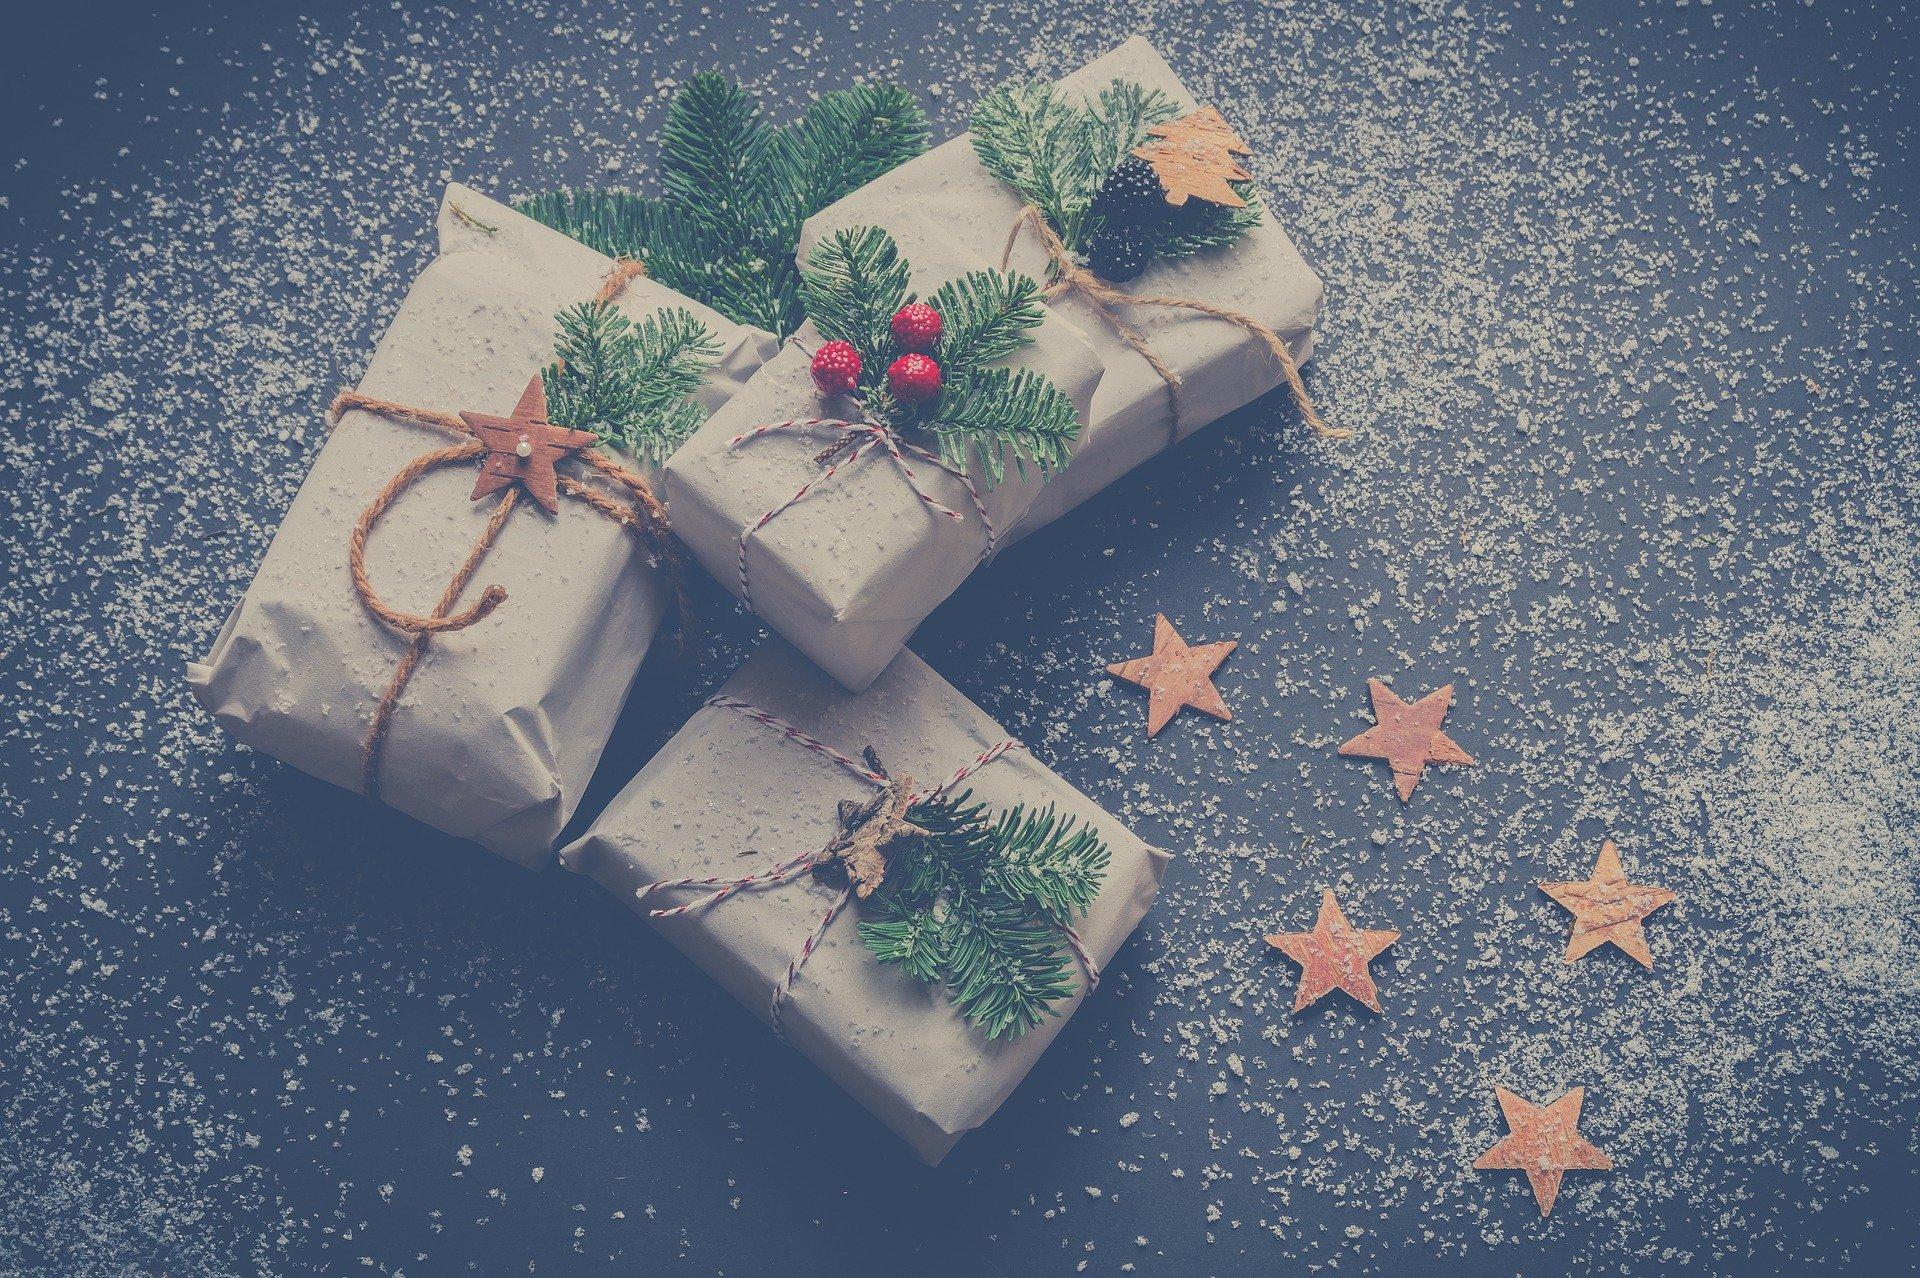 Idee regalo di Natale 2019 a impatto zero